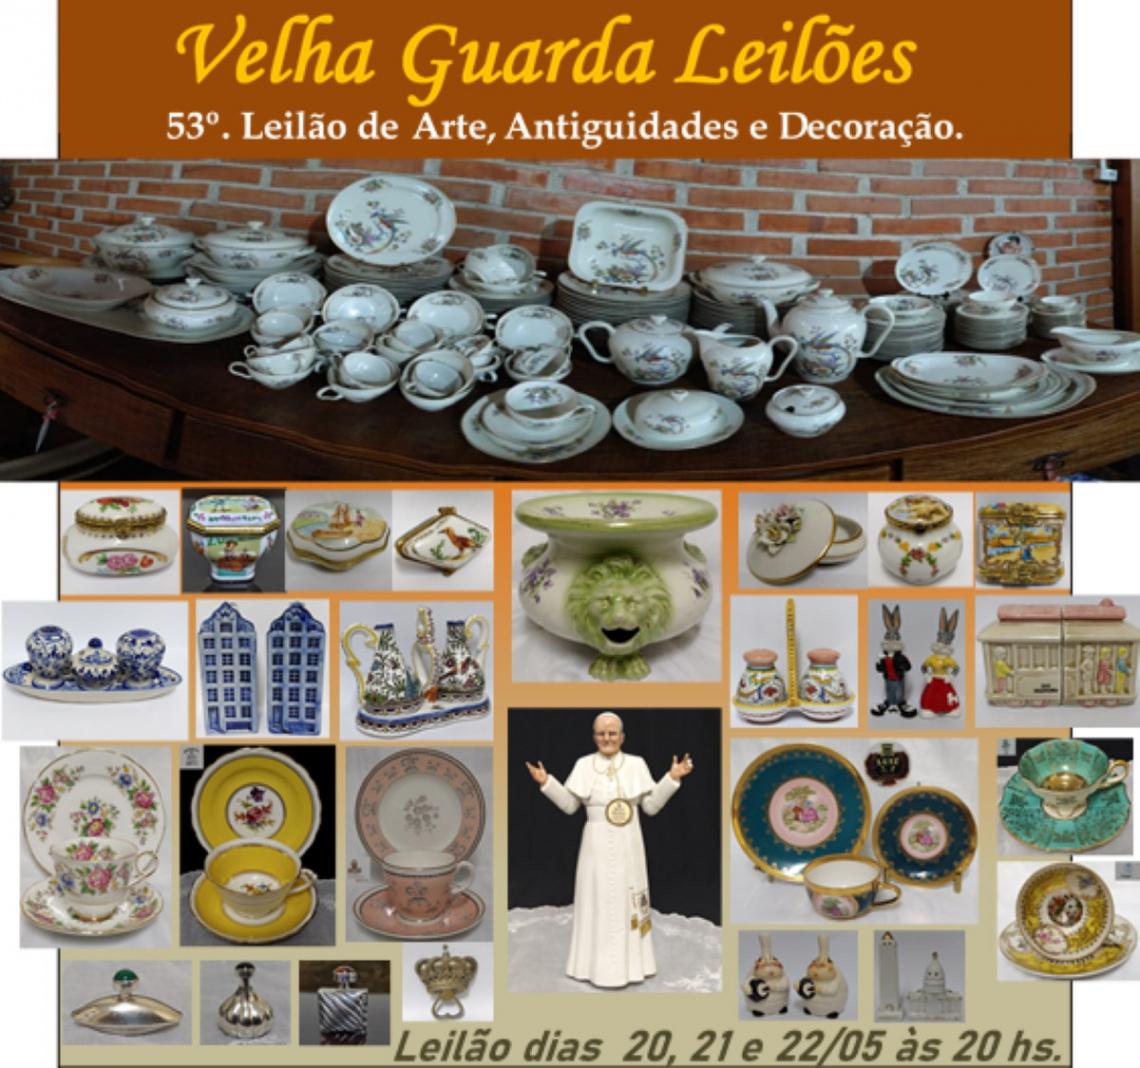 53º LEILÃO VELHA GUARDA LEILÕES - Arte, Antiguidades, Decoração e Colecionismo